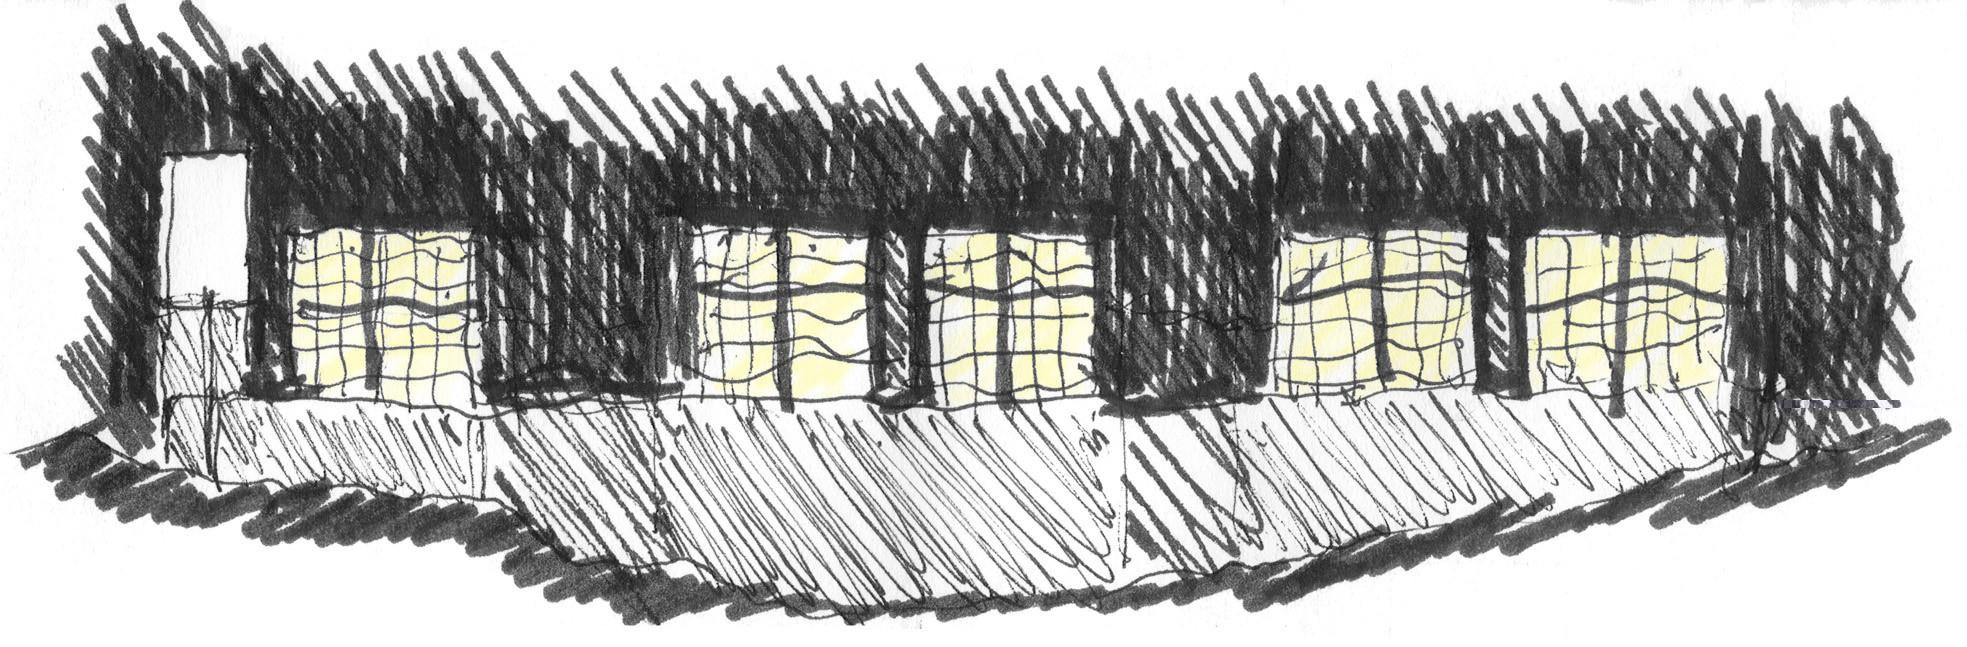 Cimitero di Berbenno - 3° posto - Lanterne